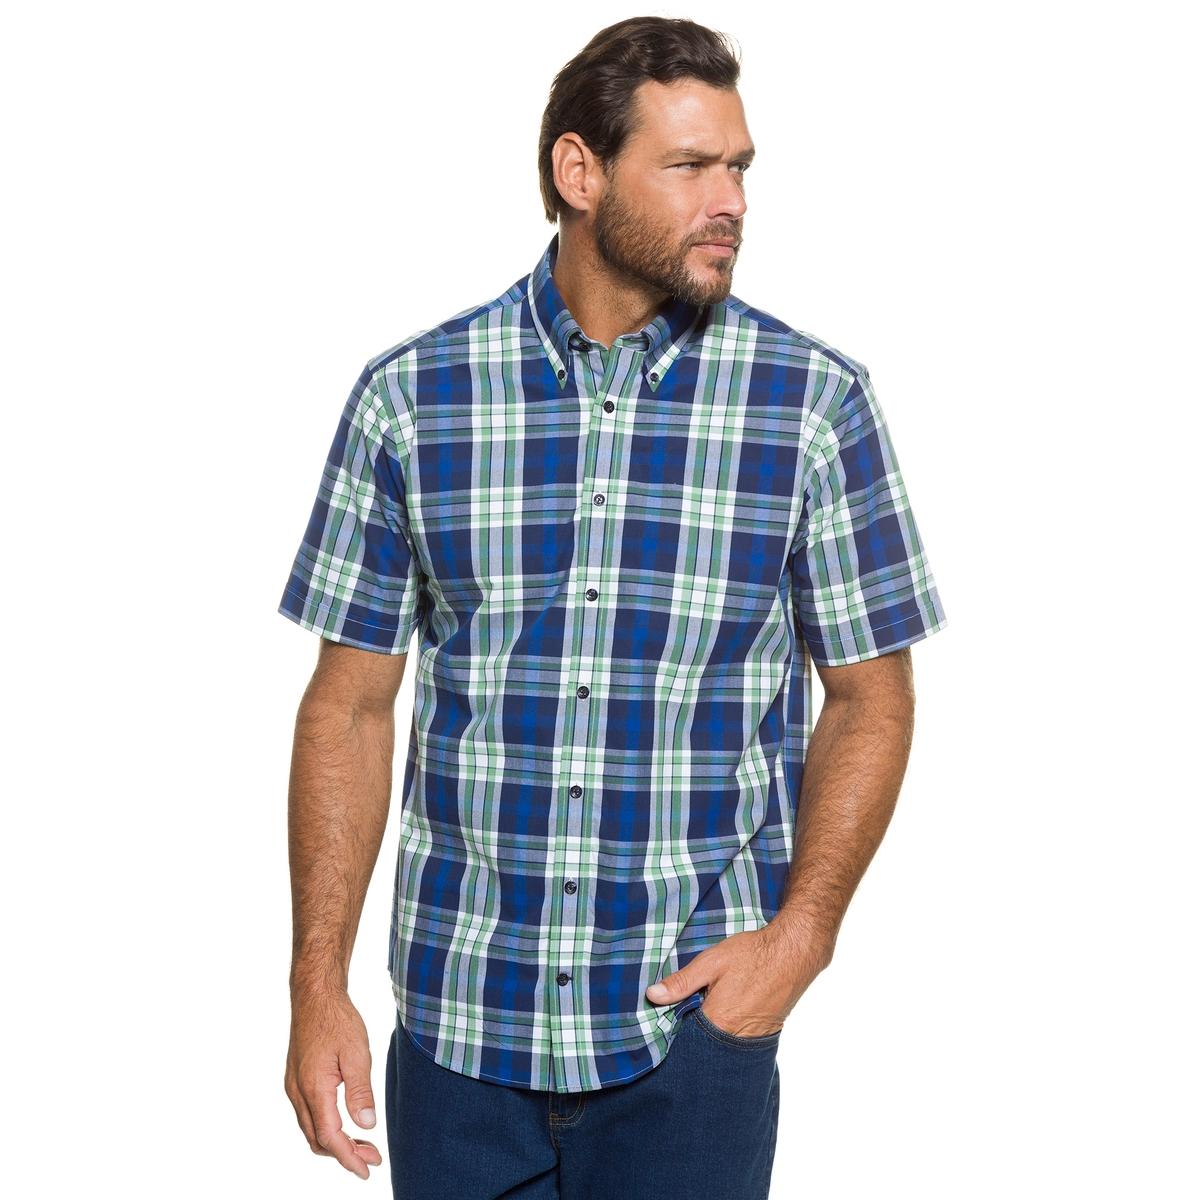 РубашкаРубашка в клетку JP1880 с короткими рукавами, воротник с уголками на пуговицах, внутренняя поверхность воротника в клетку оксфорд. Слегка приталенный покрой, рубашку можно носить навыпуск. 100% хлопок. Длина в зависимости от размера. 78-94 см<br><br>Цвет: в клетку